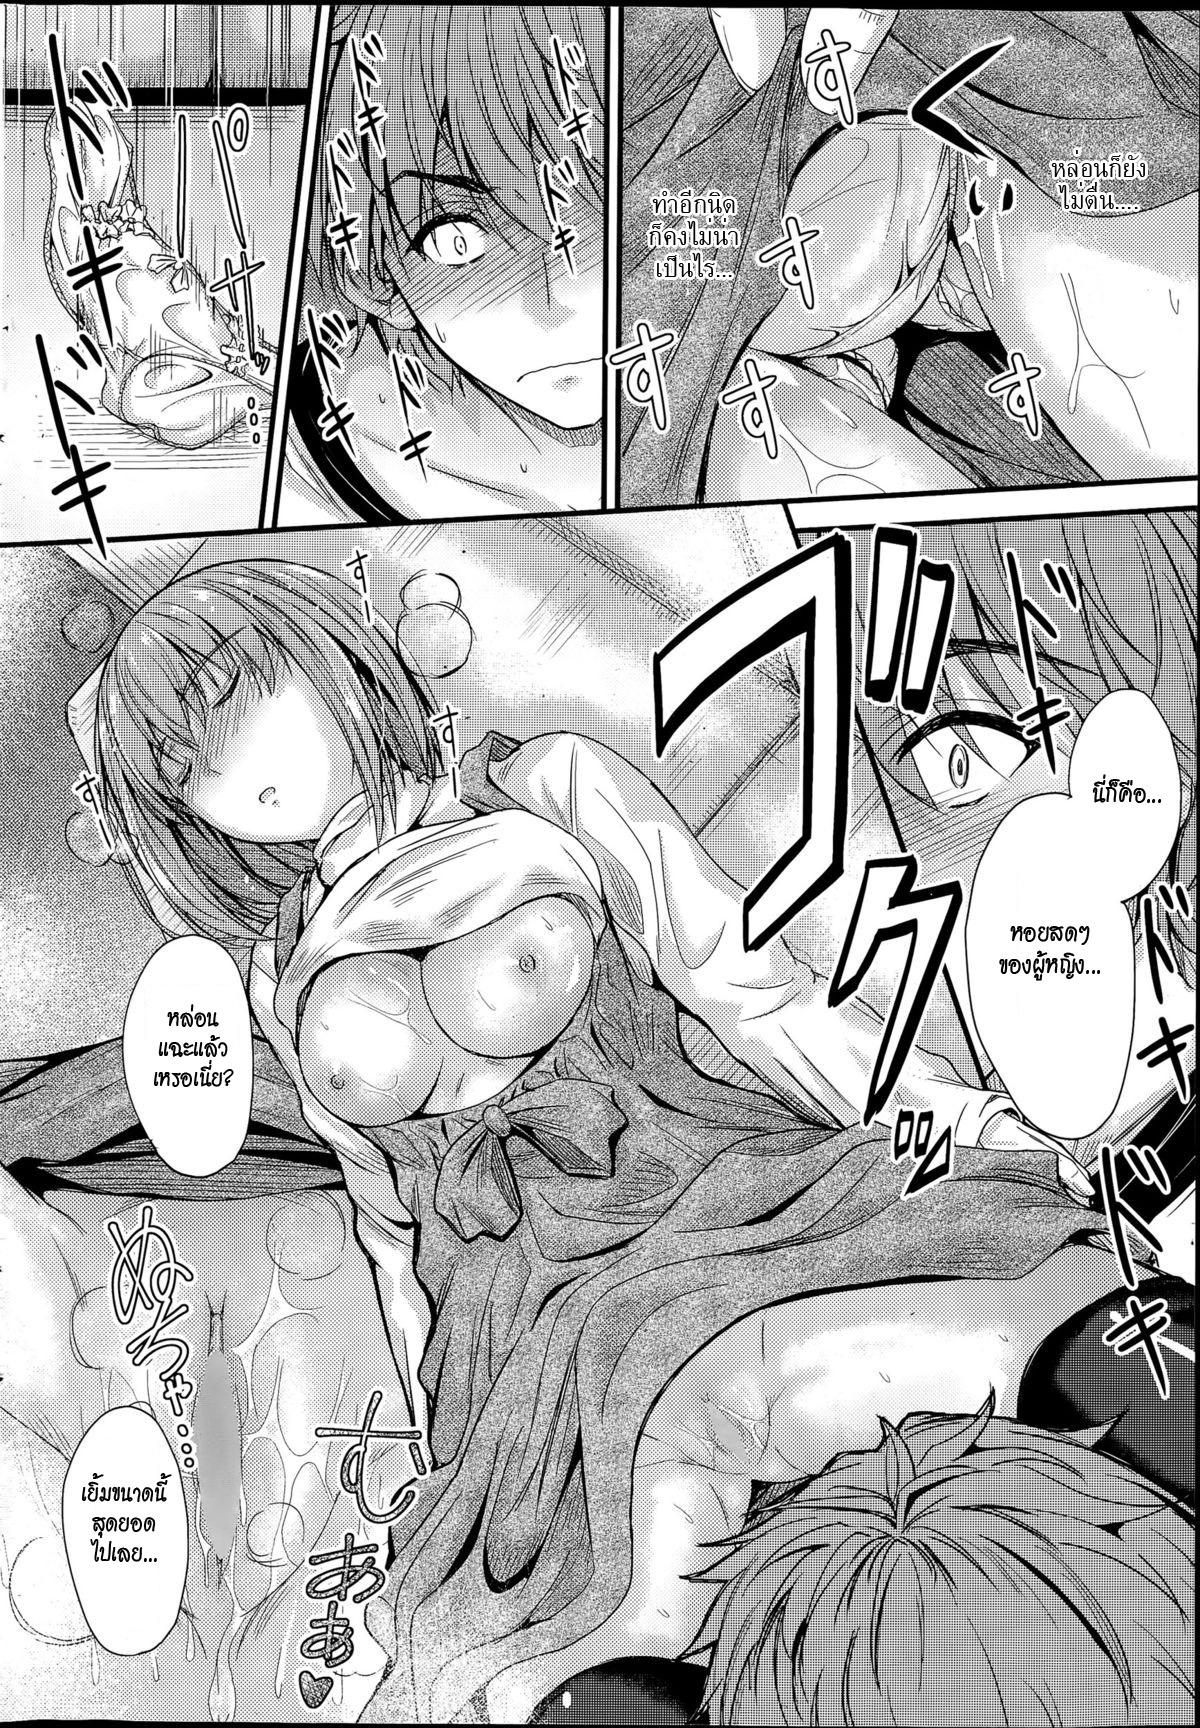 ลักหลับพี่สาว 1 ภาพ 13